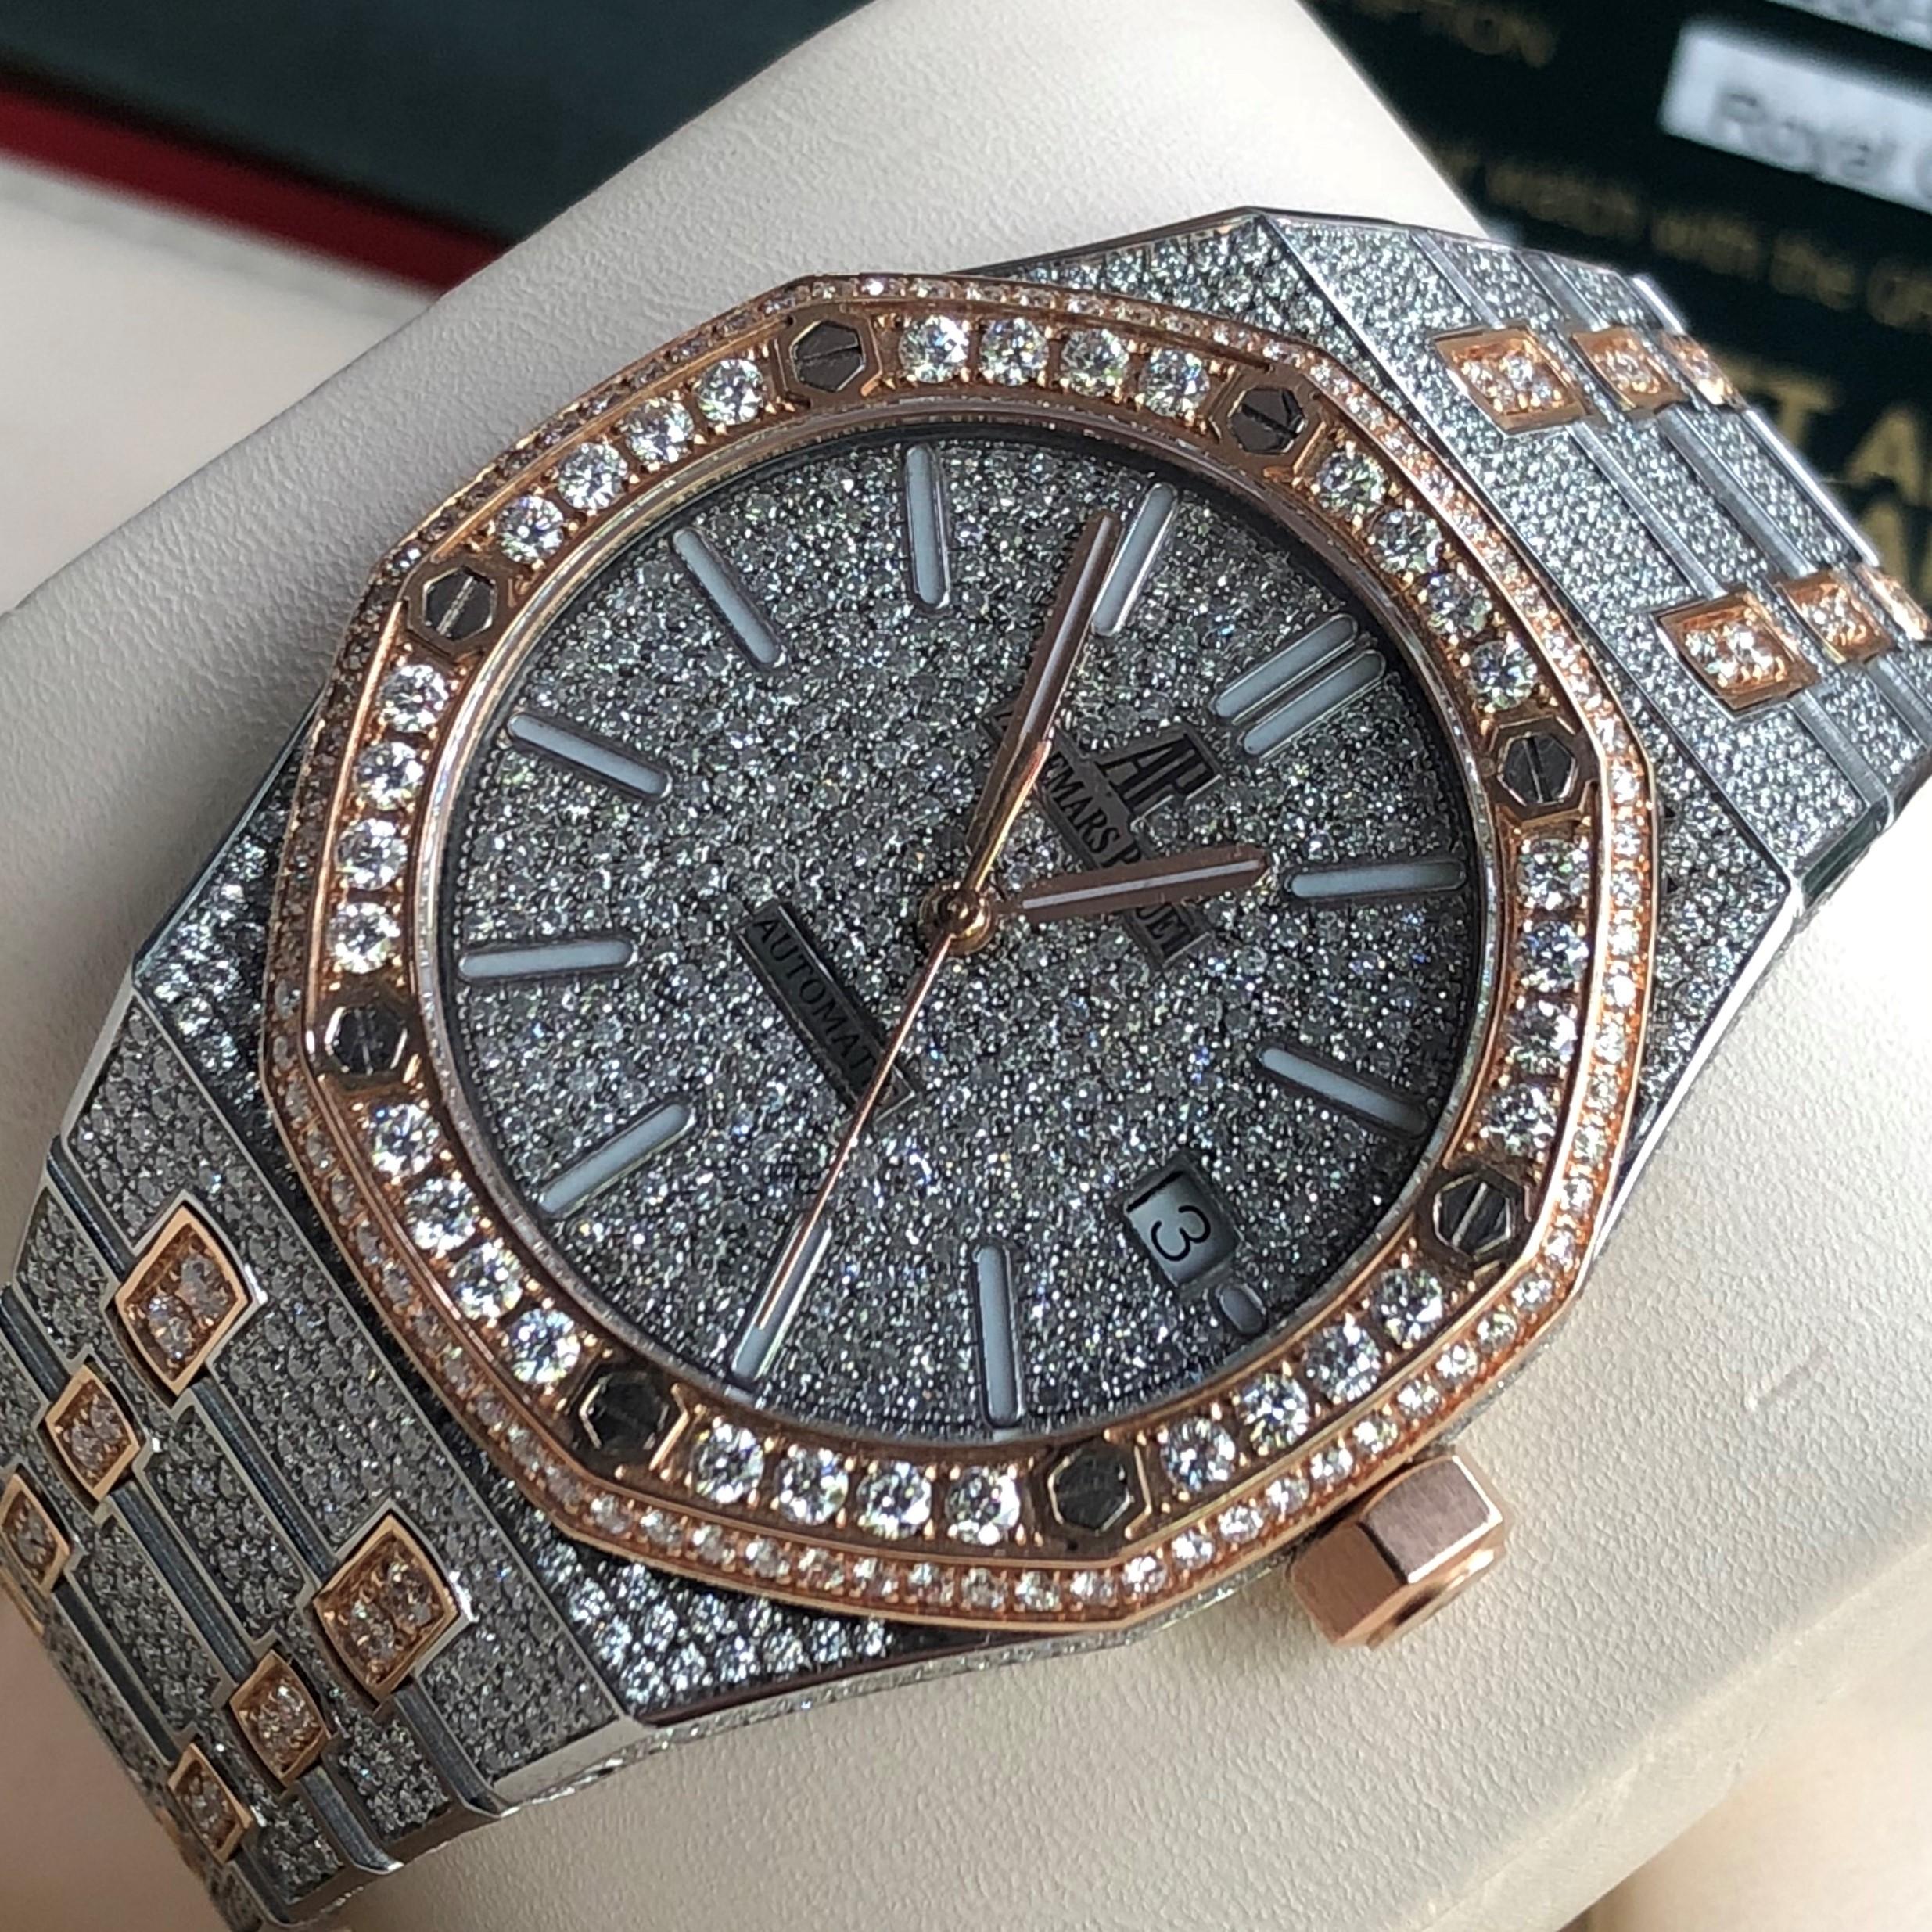 Audemars Piguet Vàng hồng 18k full kim cương size 37mm